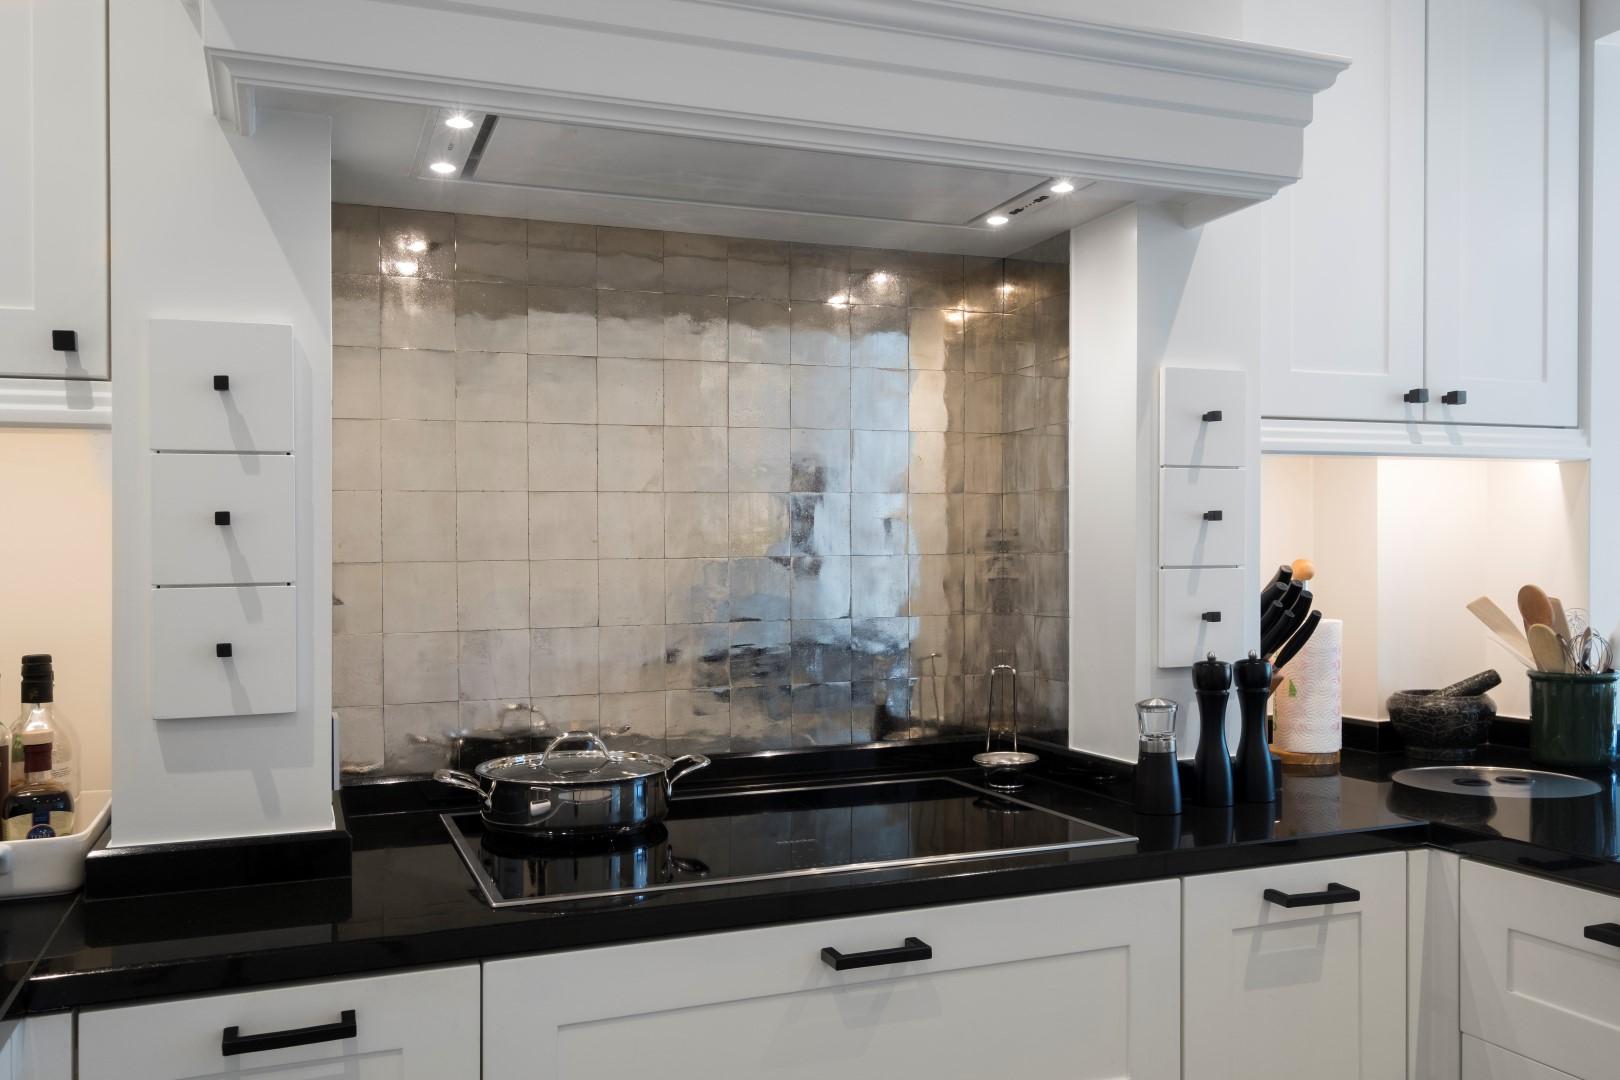 Keuken tegels bronzen tegels via Dauby #tegels #keuken #keukeninspiratie #brons